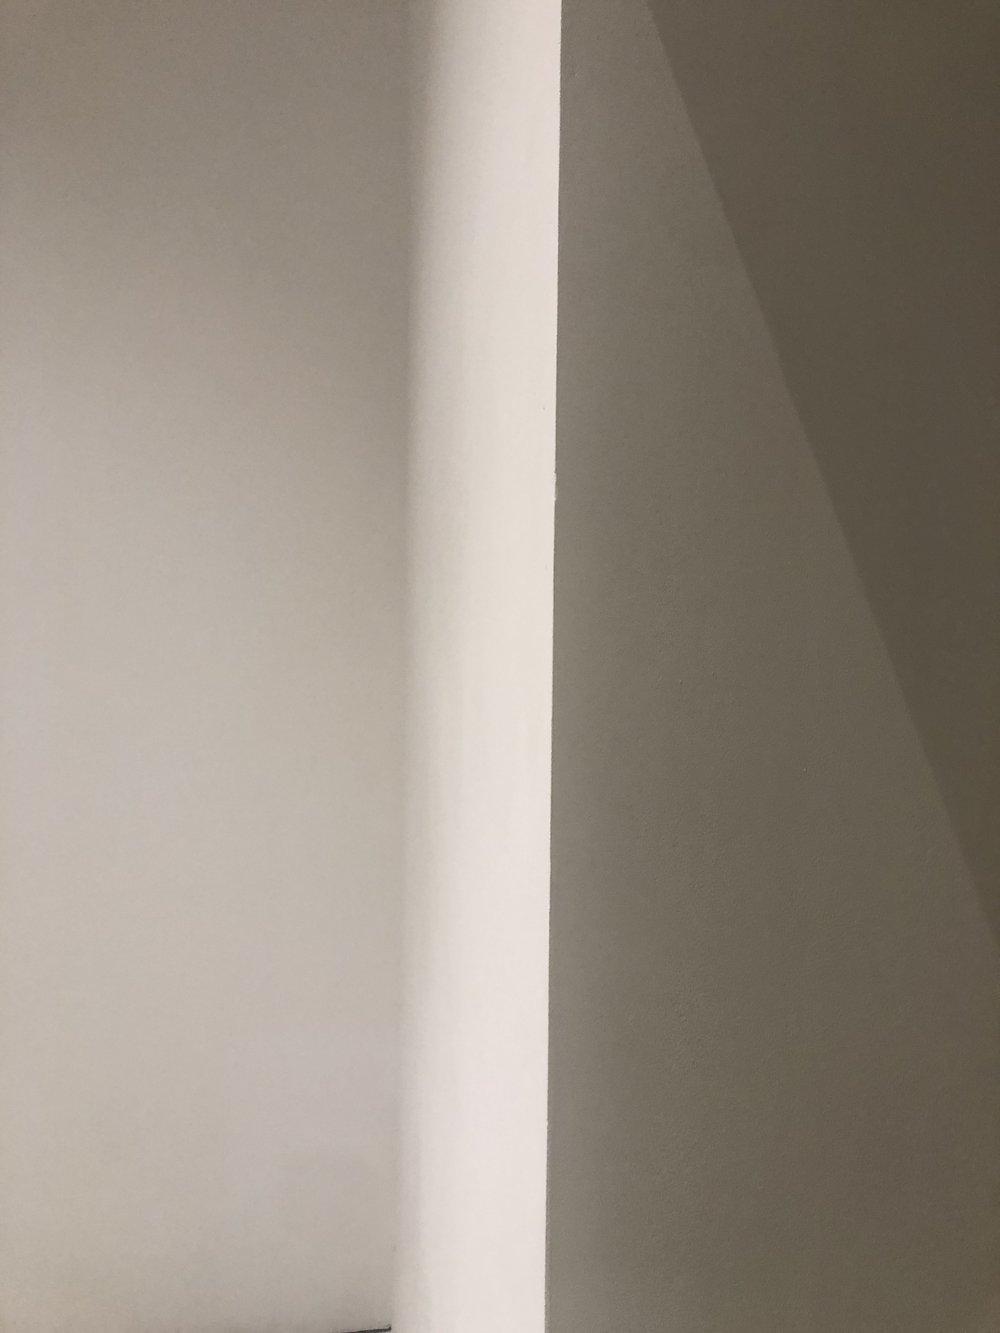 Muro bianco.